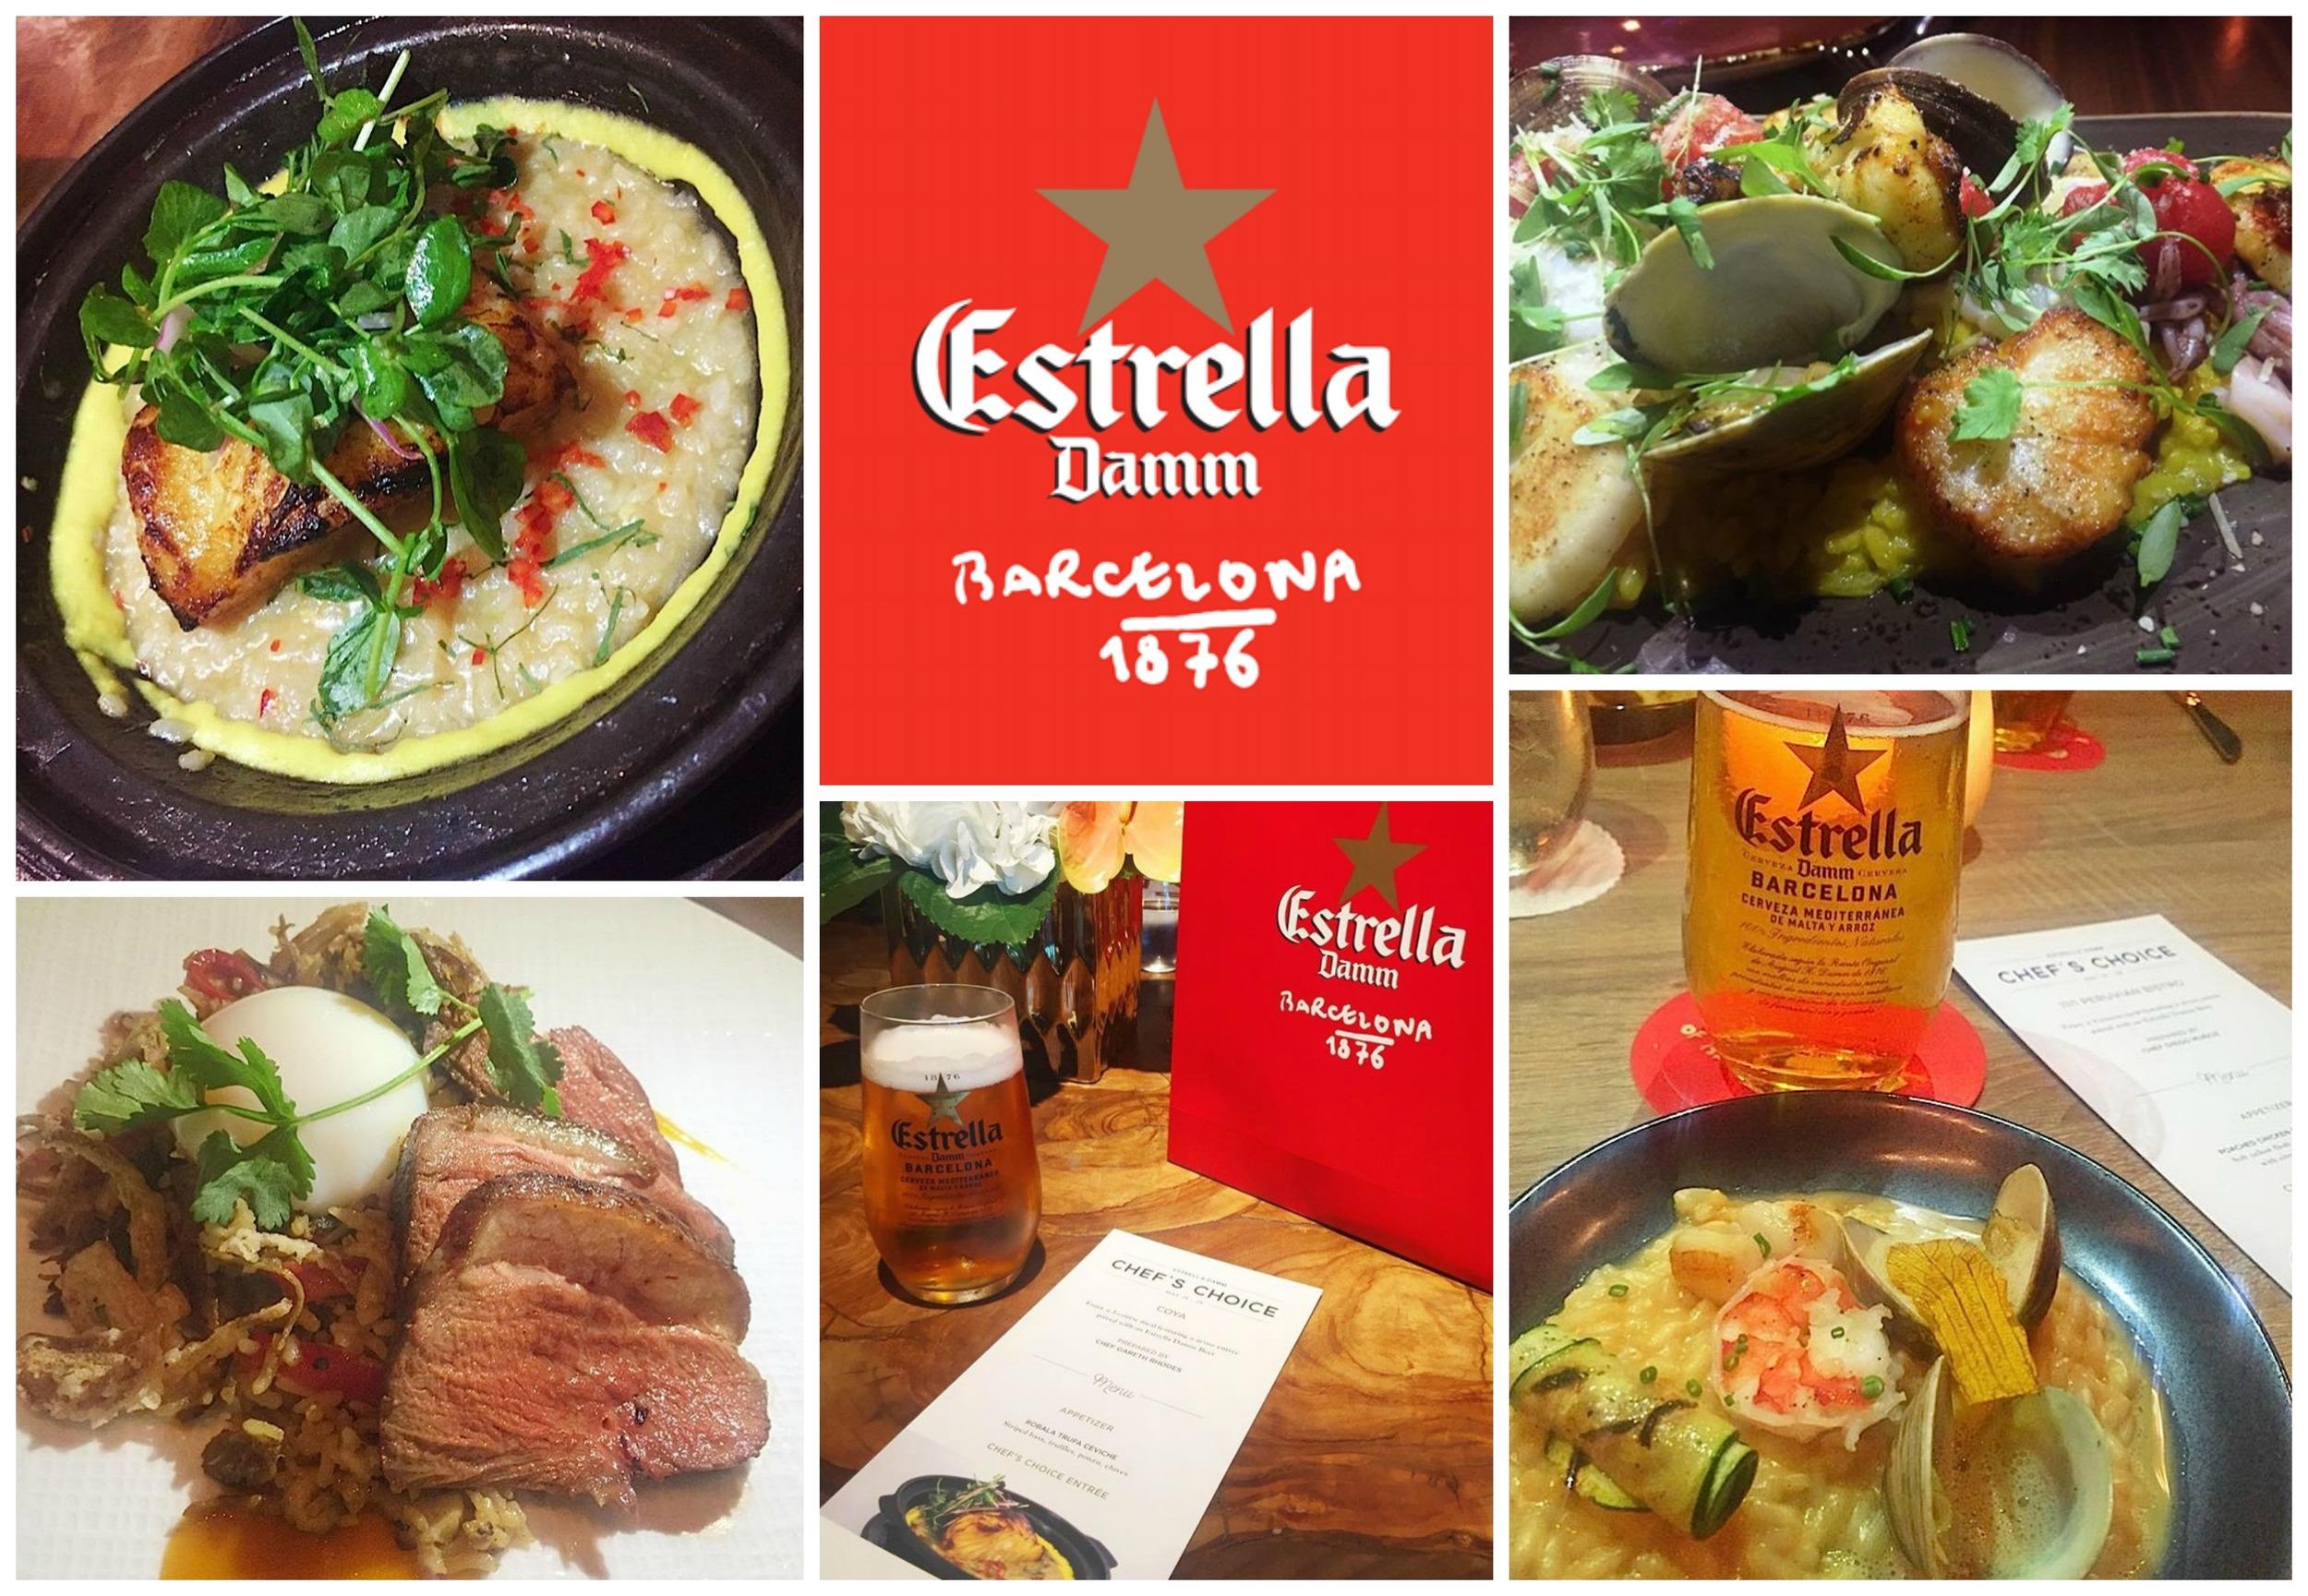 Estrella Damm Miami Chef's Choice Tour